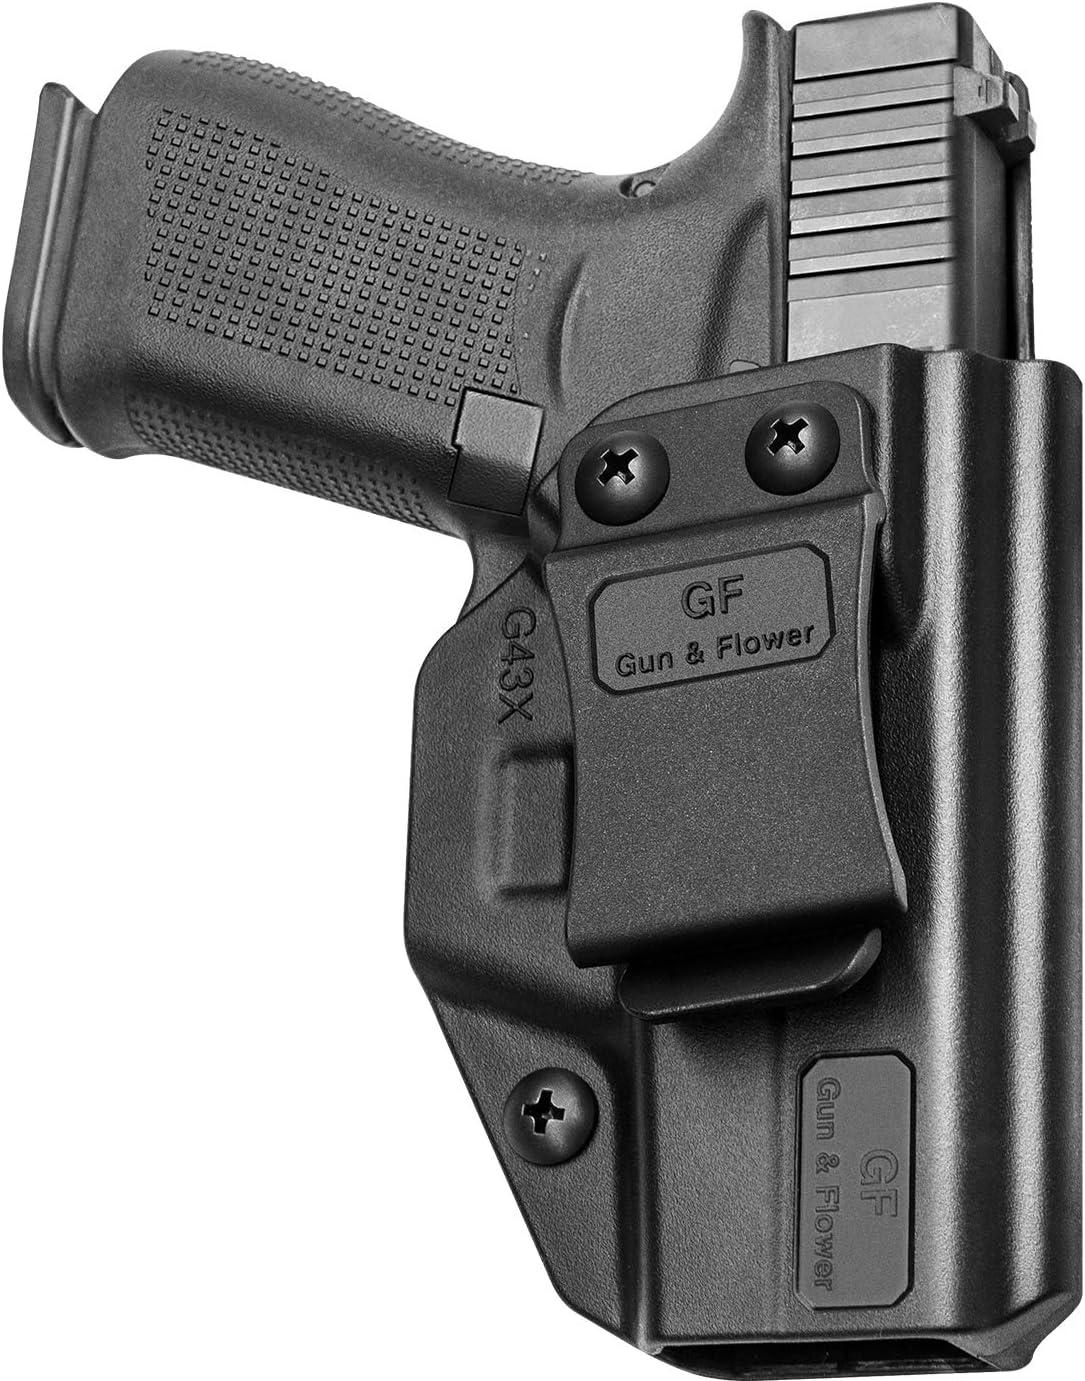 2019 New designed IWB polymer holster for Glock 43